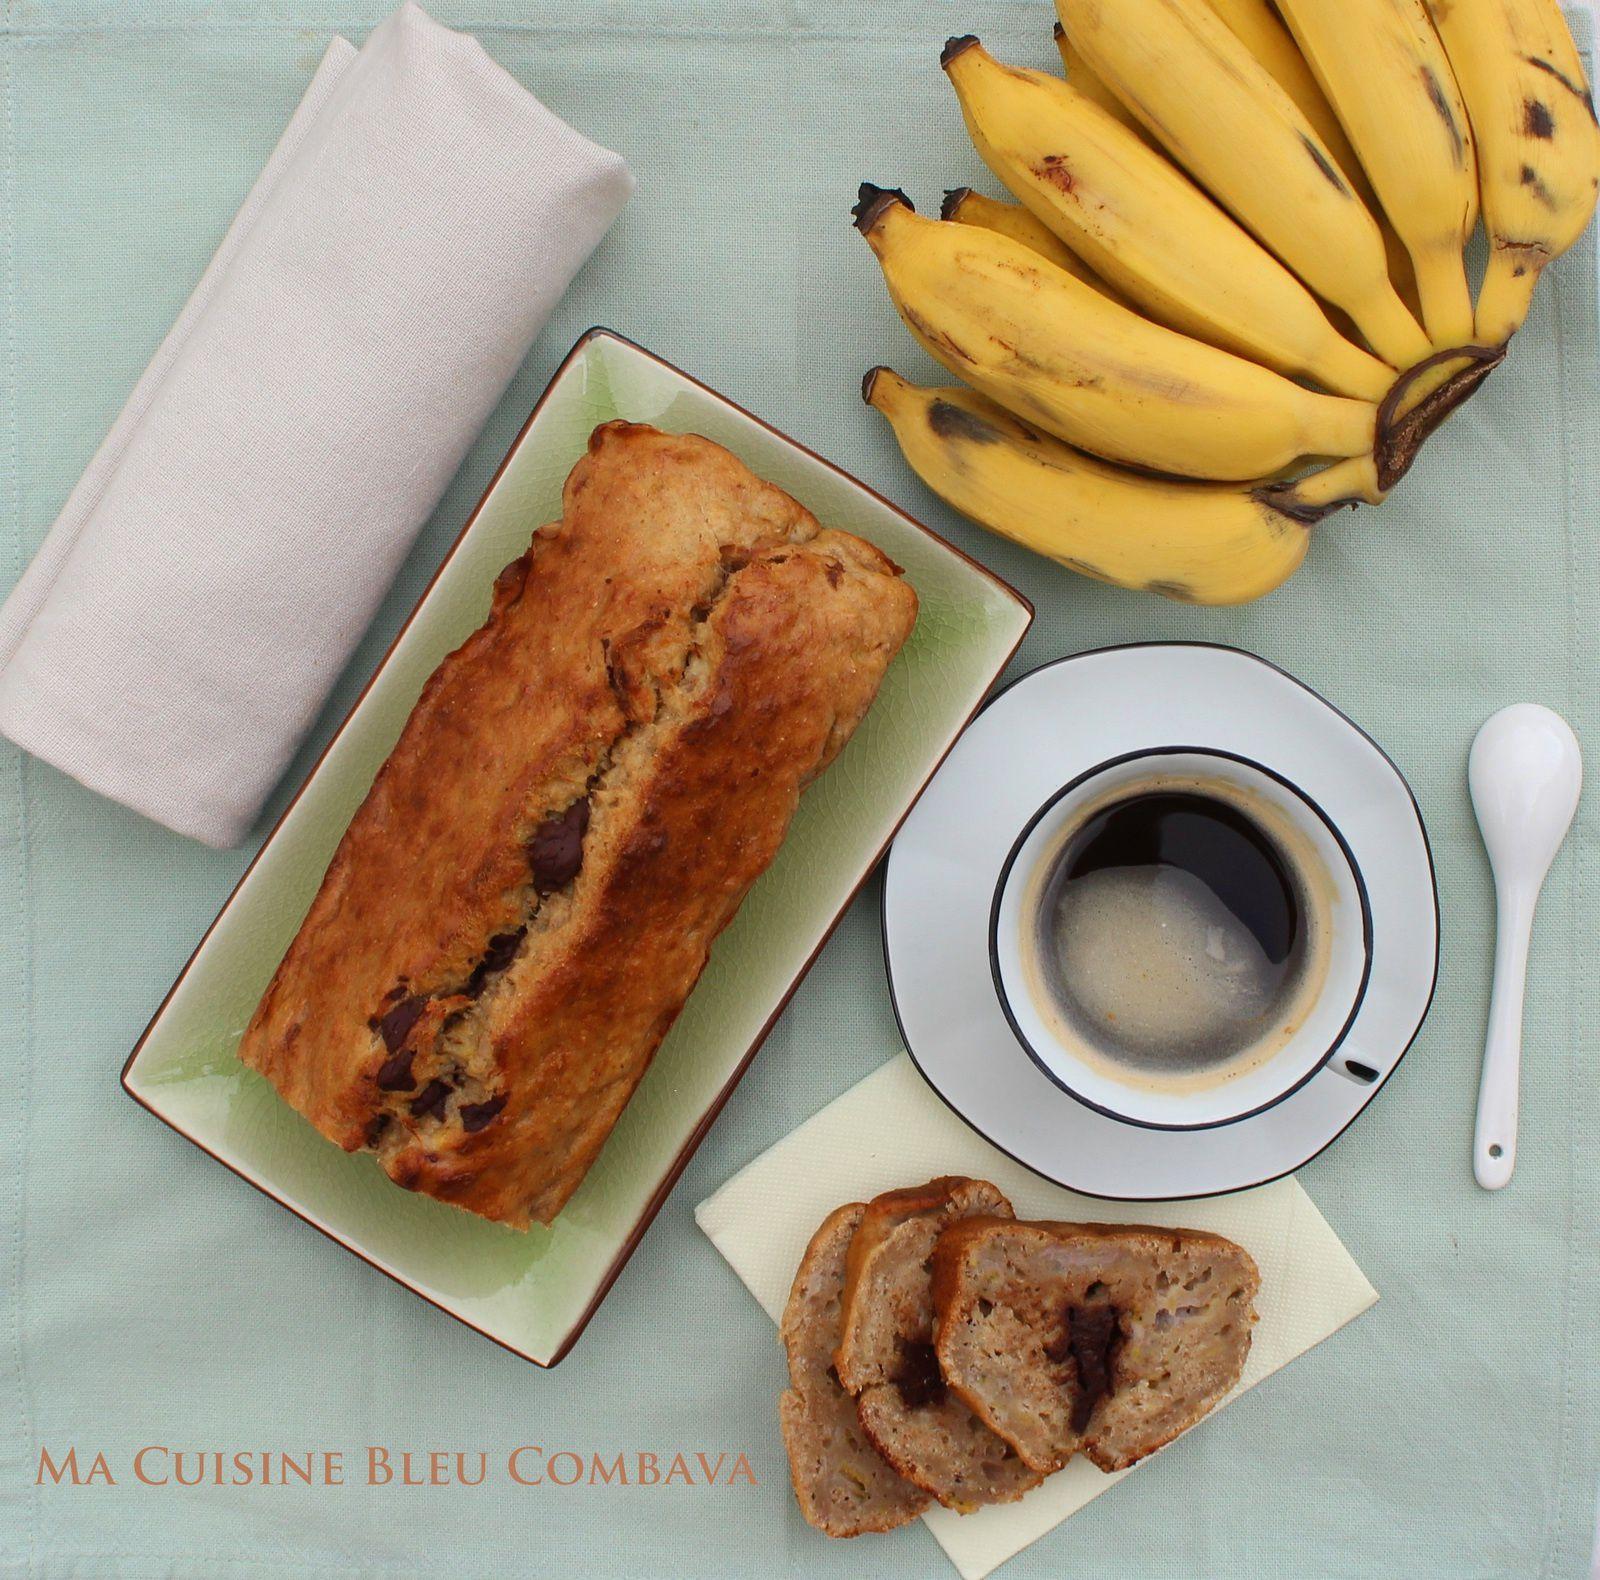 Gâteau Banane au chocolat blanc et Amande amère, sans beurre ni sucre ajoutés, sans lactose